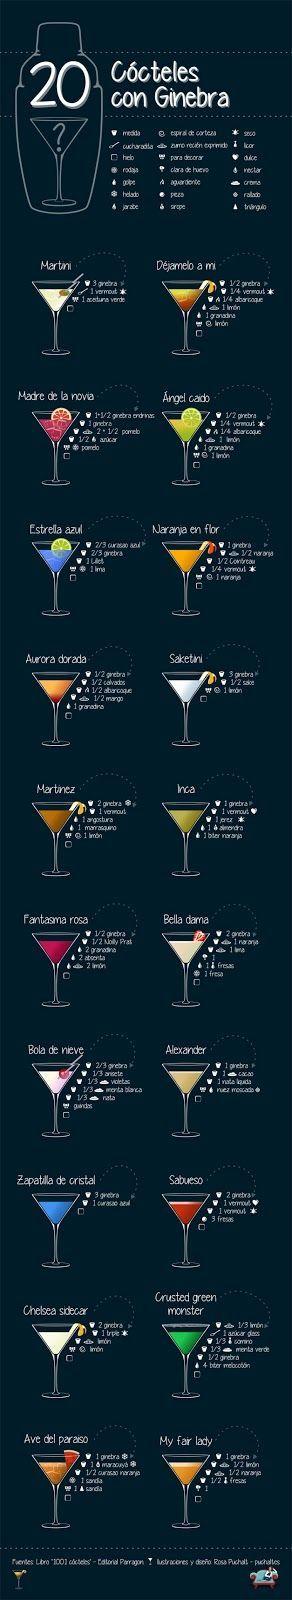 20 Recetas de Cocktails con Gin |